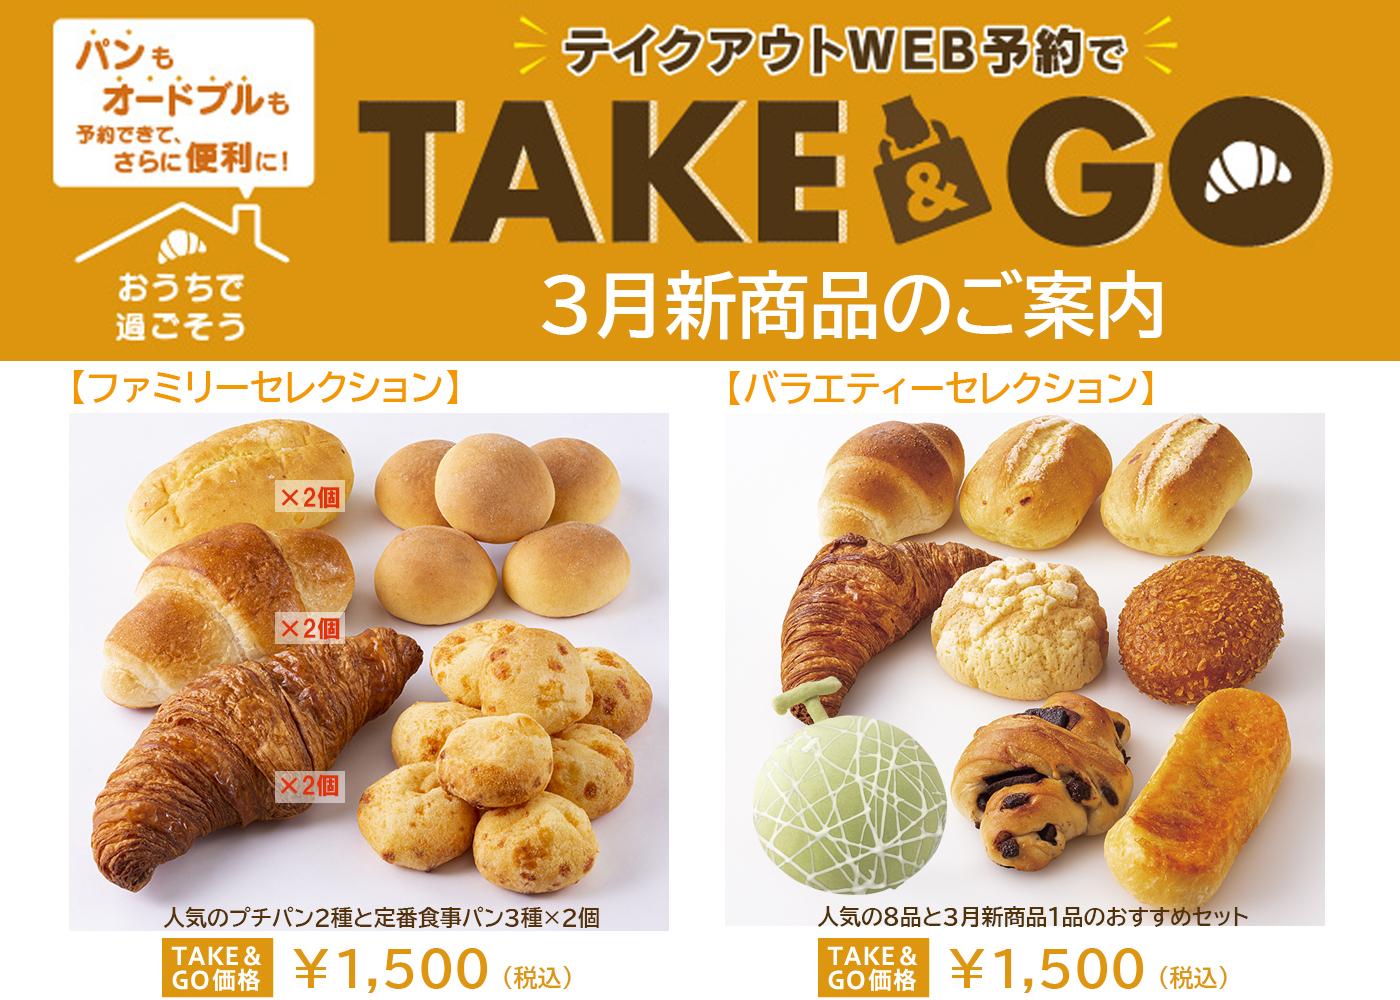 『テイクアウトWEB予約で「TAKE&GO」』に新商品登場